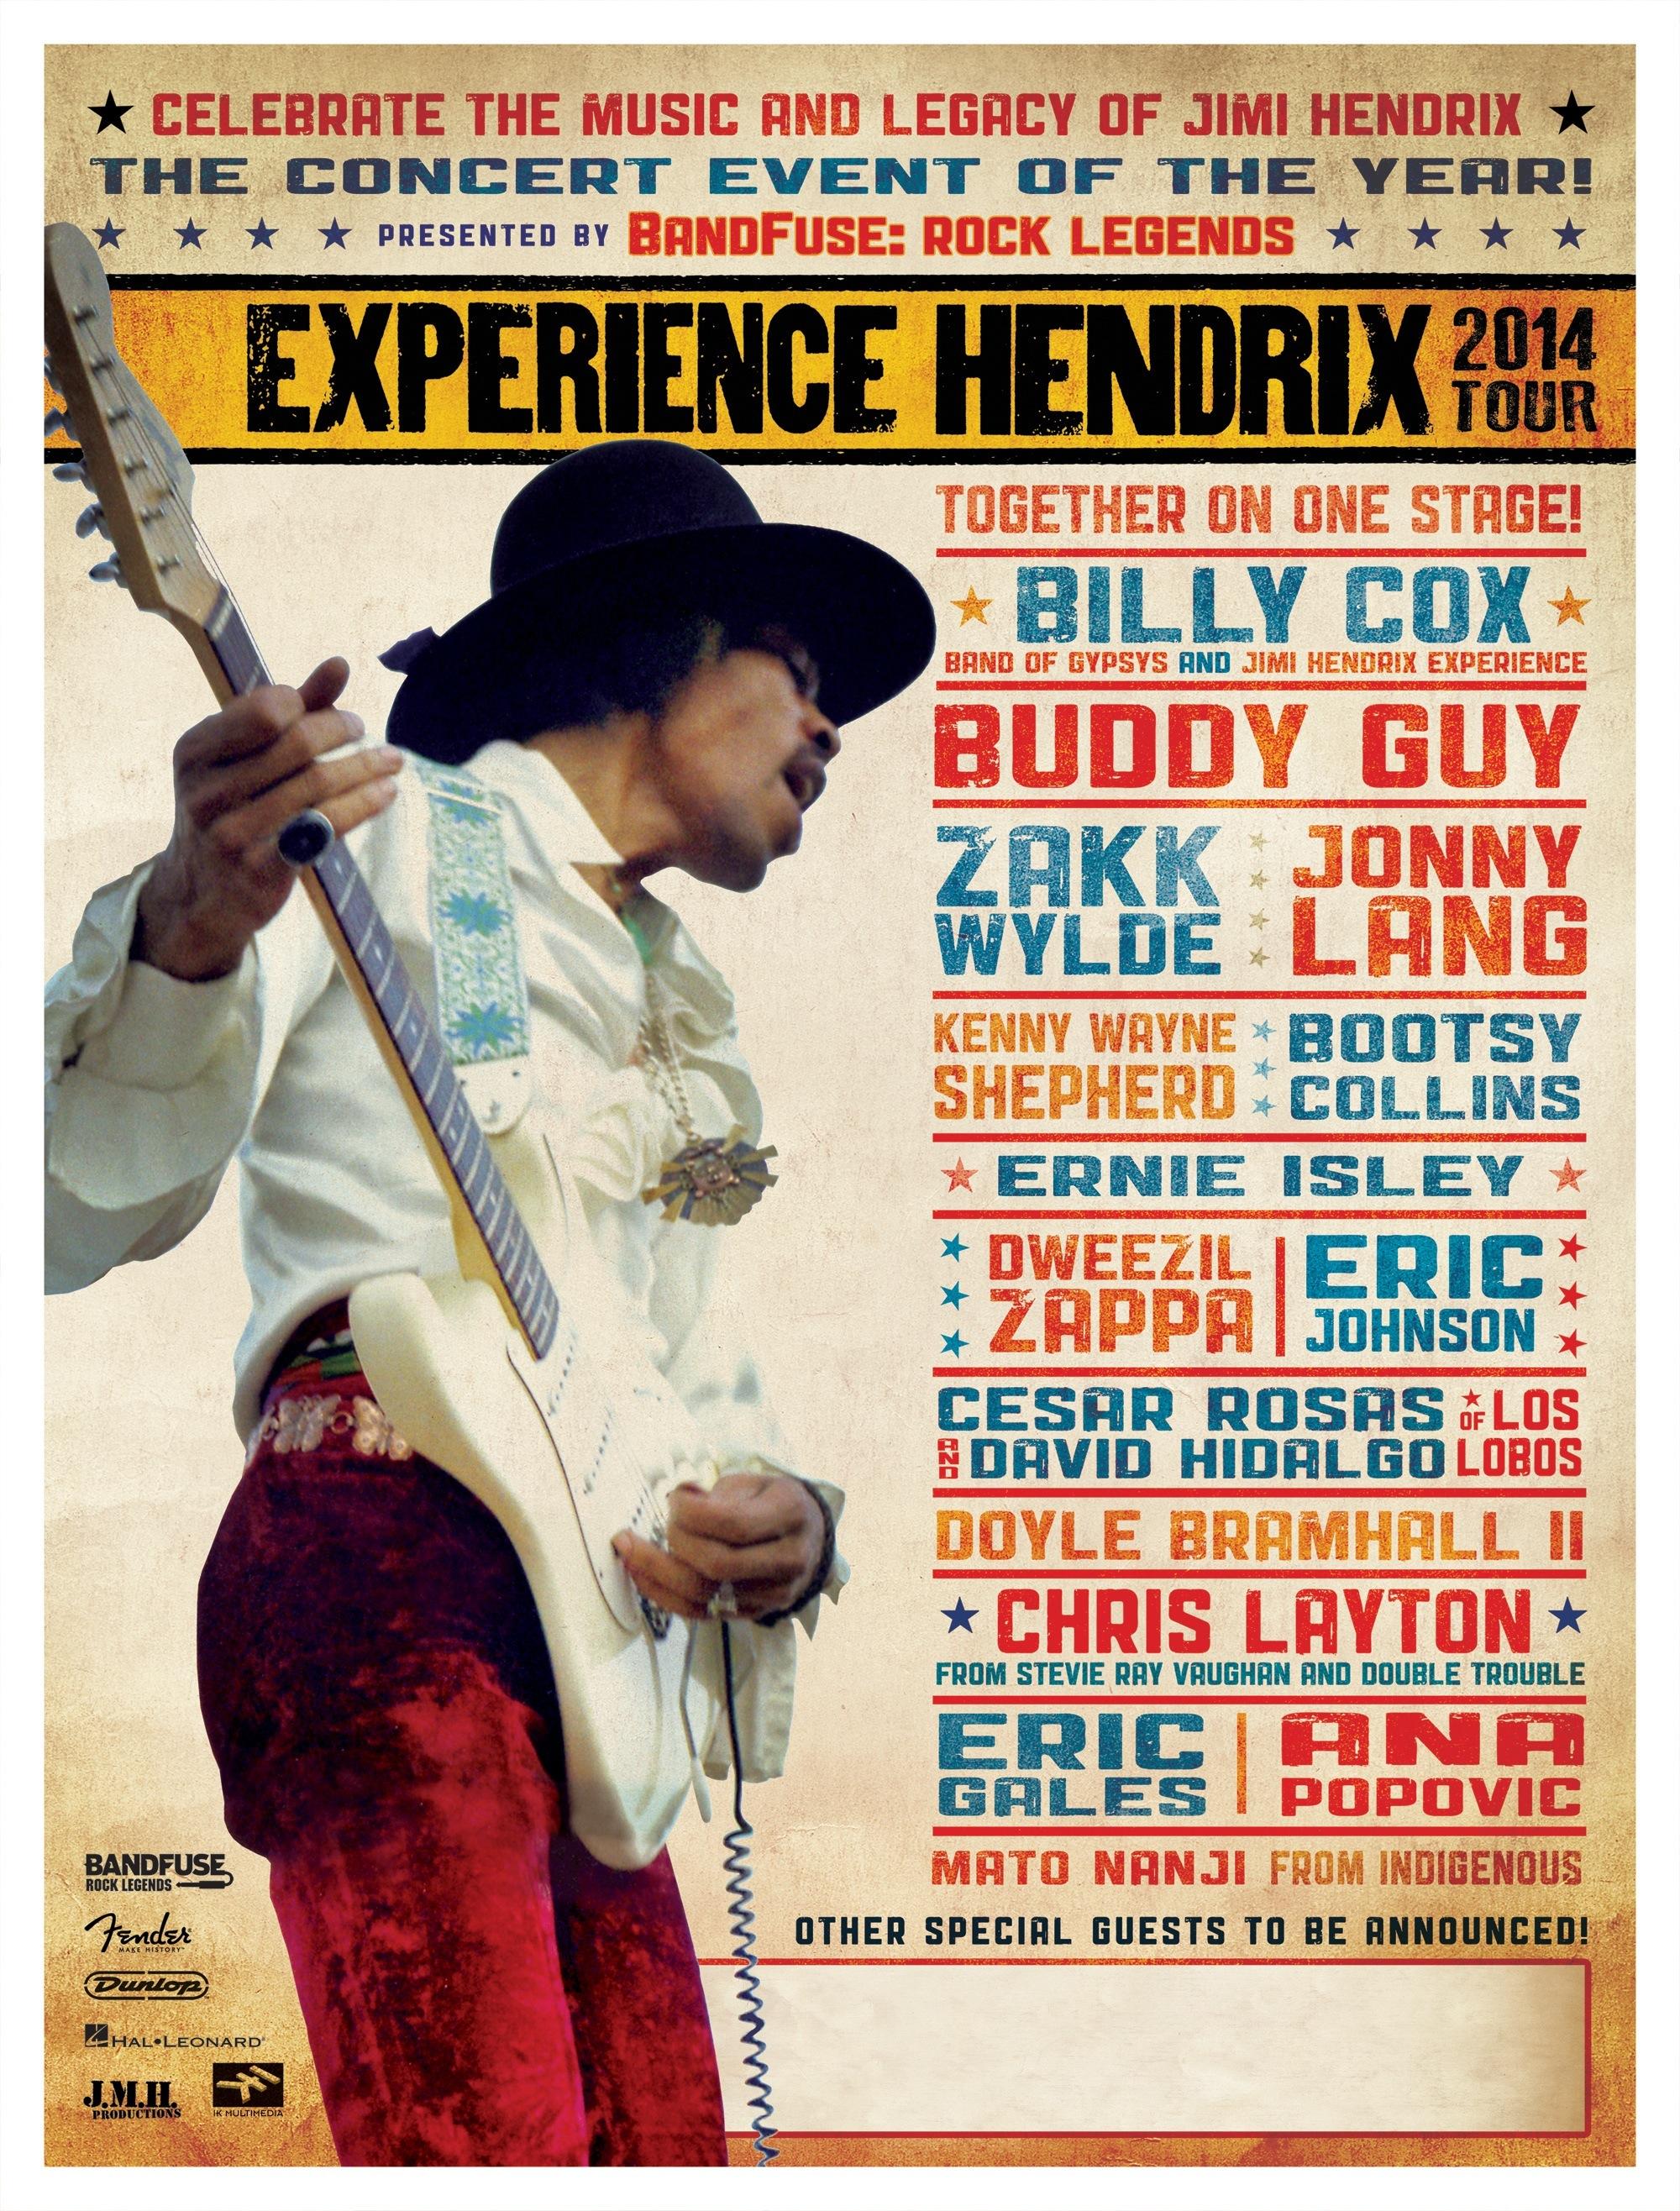 jimi-hendrix-experience-hendrix-tour